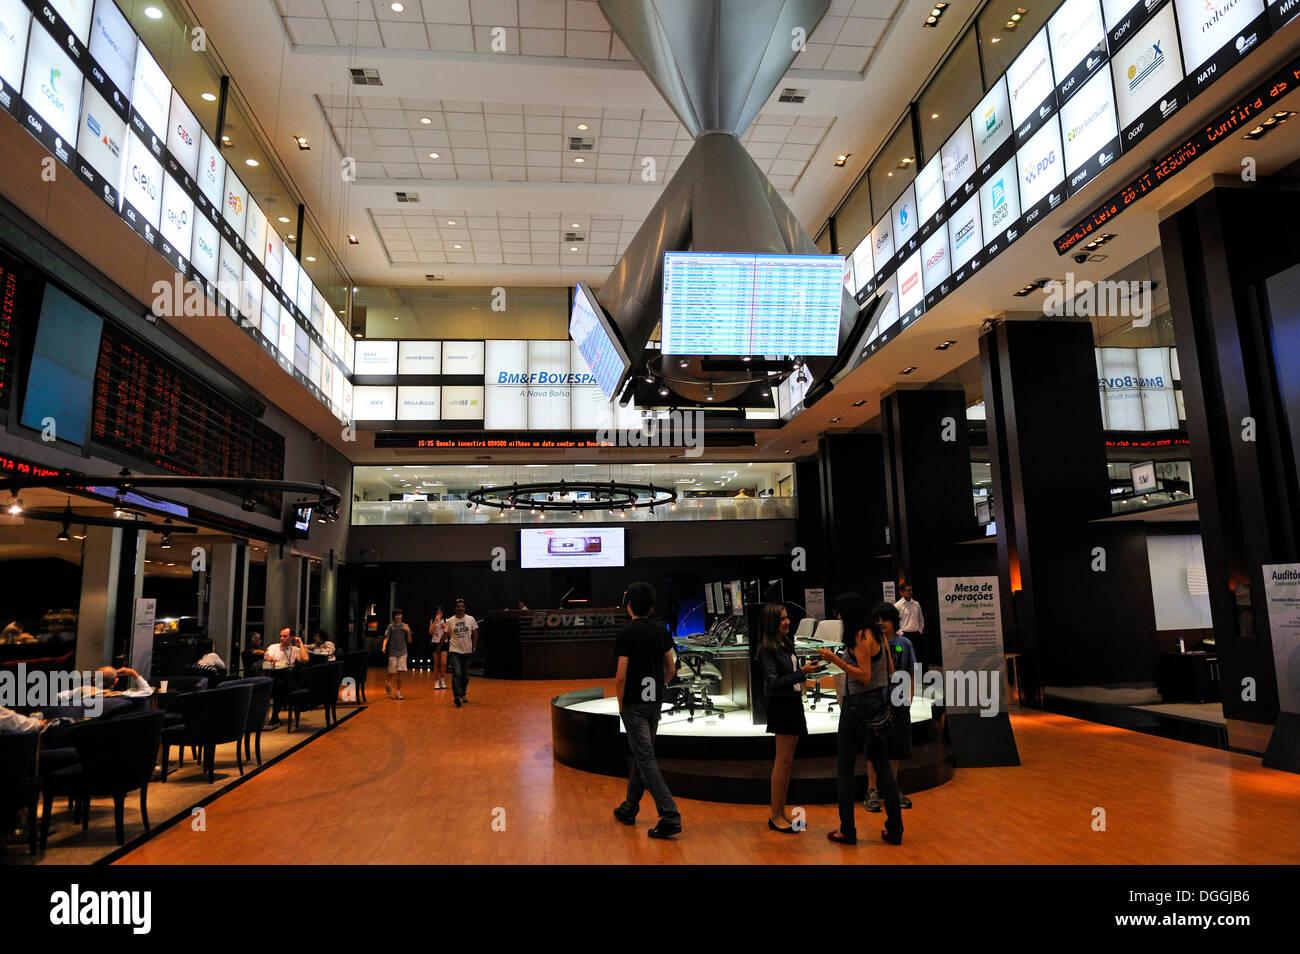 Centro visitatori di Bovespa, Sao Paulo Stock Exchange, Brasile, Sud America Immagini Stock